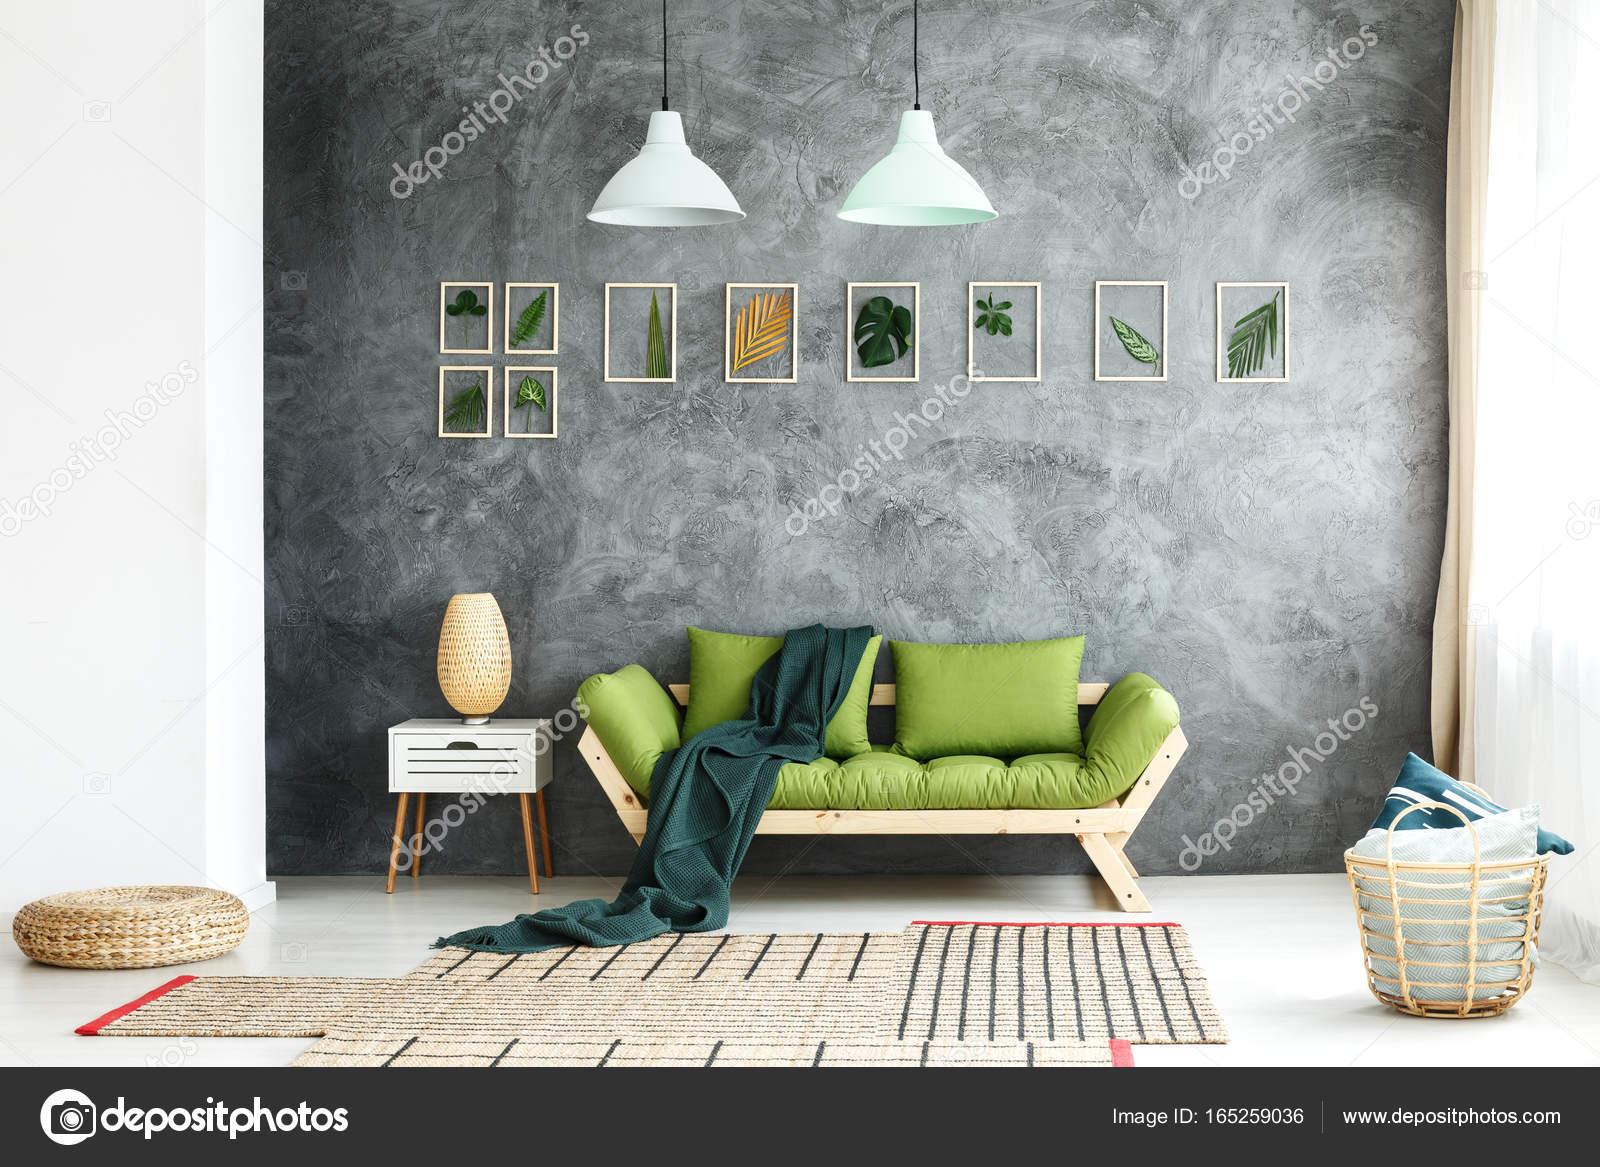 Dunkle Decke Geworfen Auf Couch Stockfoto C Photographee Eu 165259036